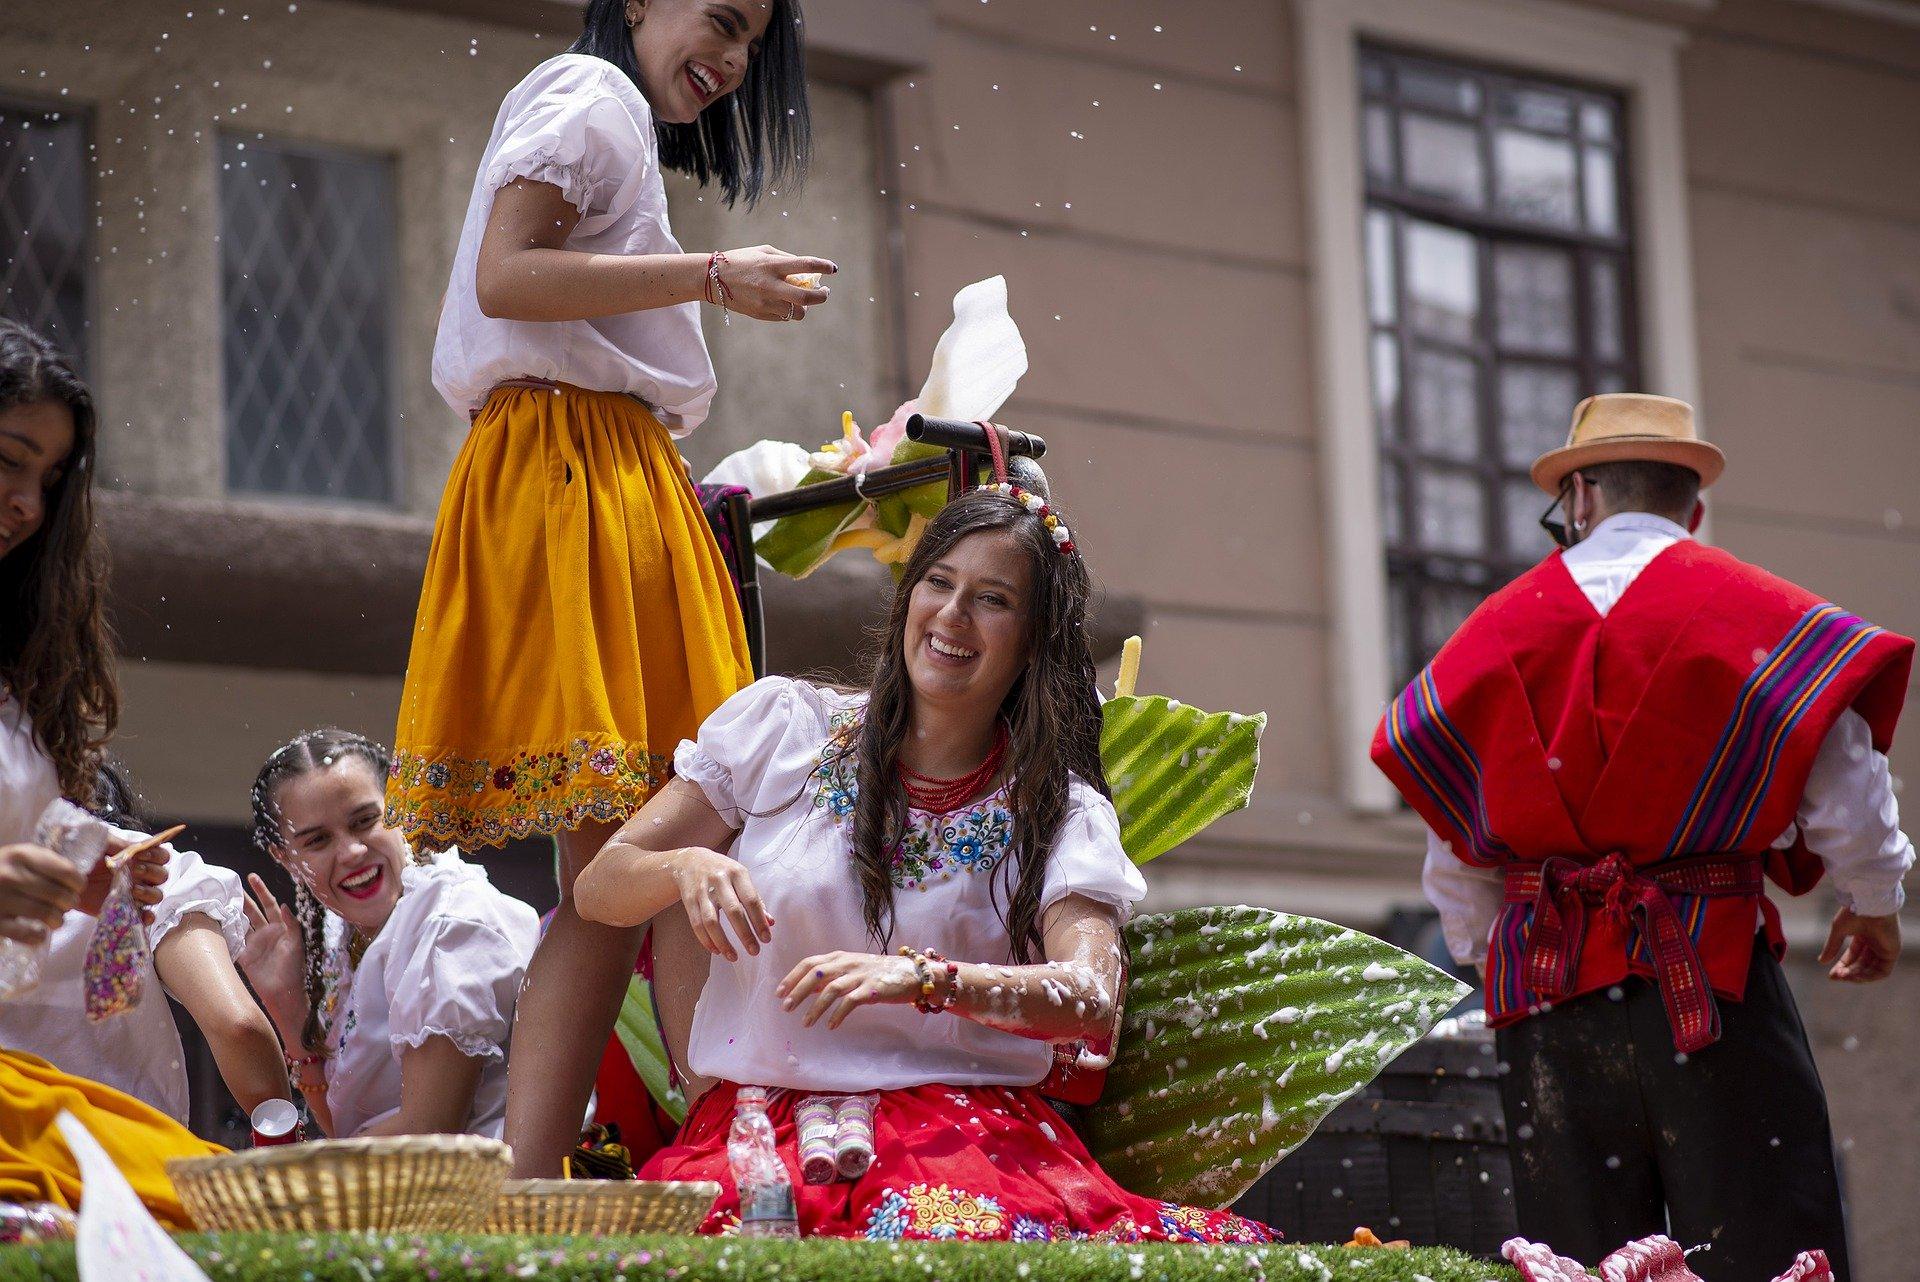 parade-4879243_1920